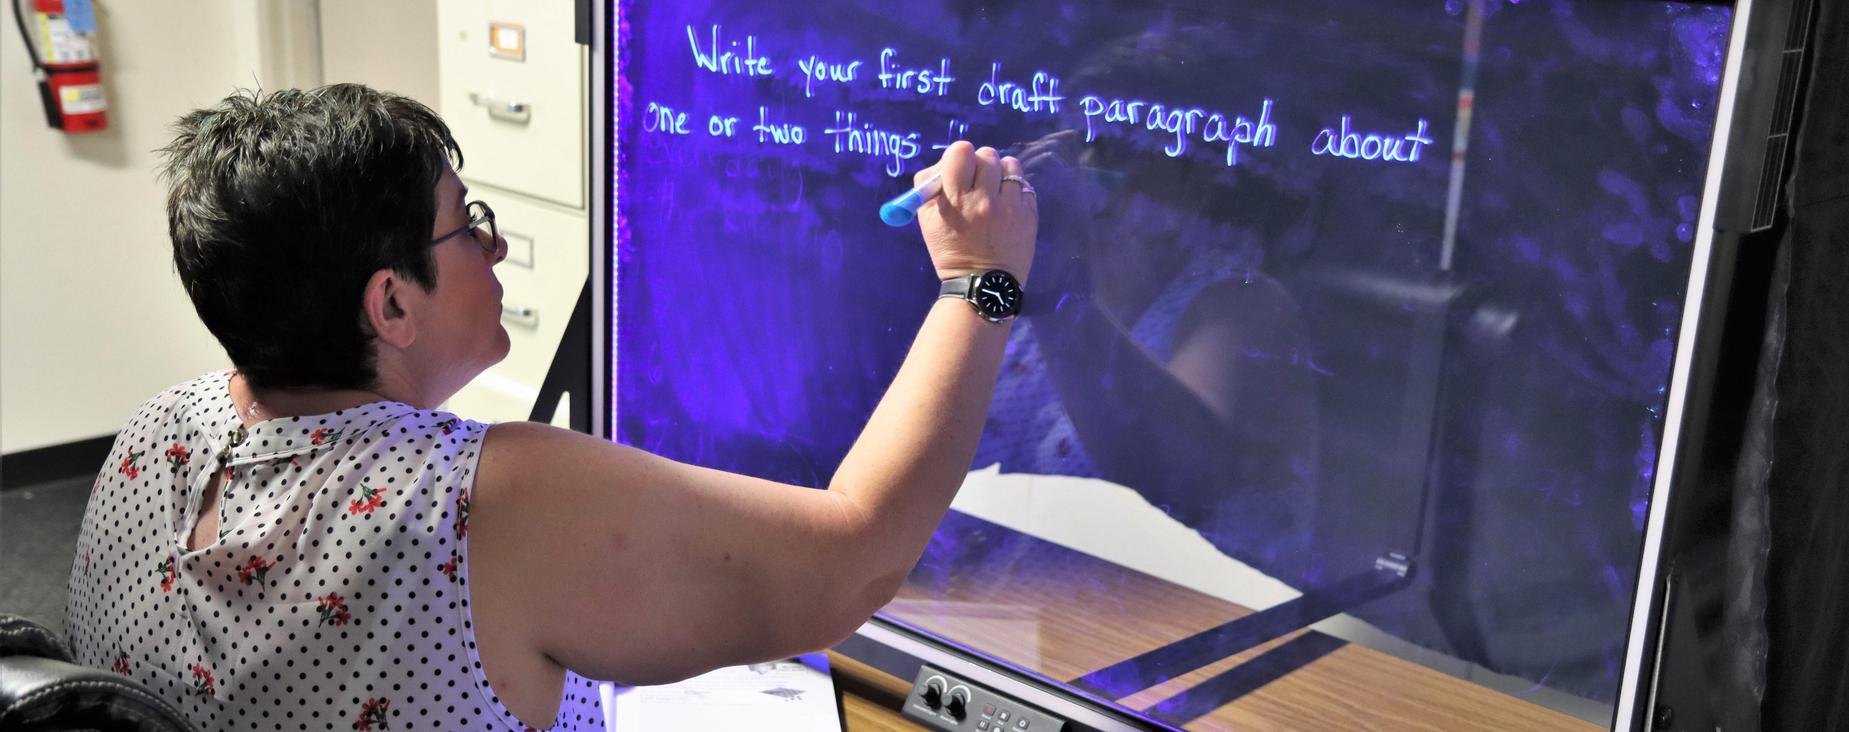 Teacher writing on eGlass surface